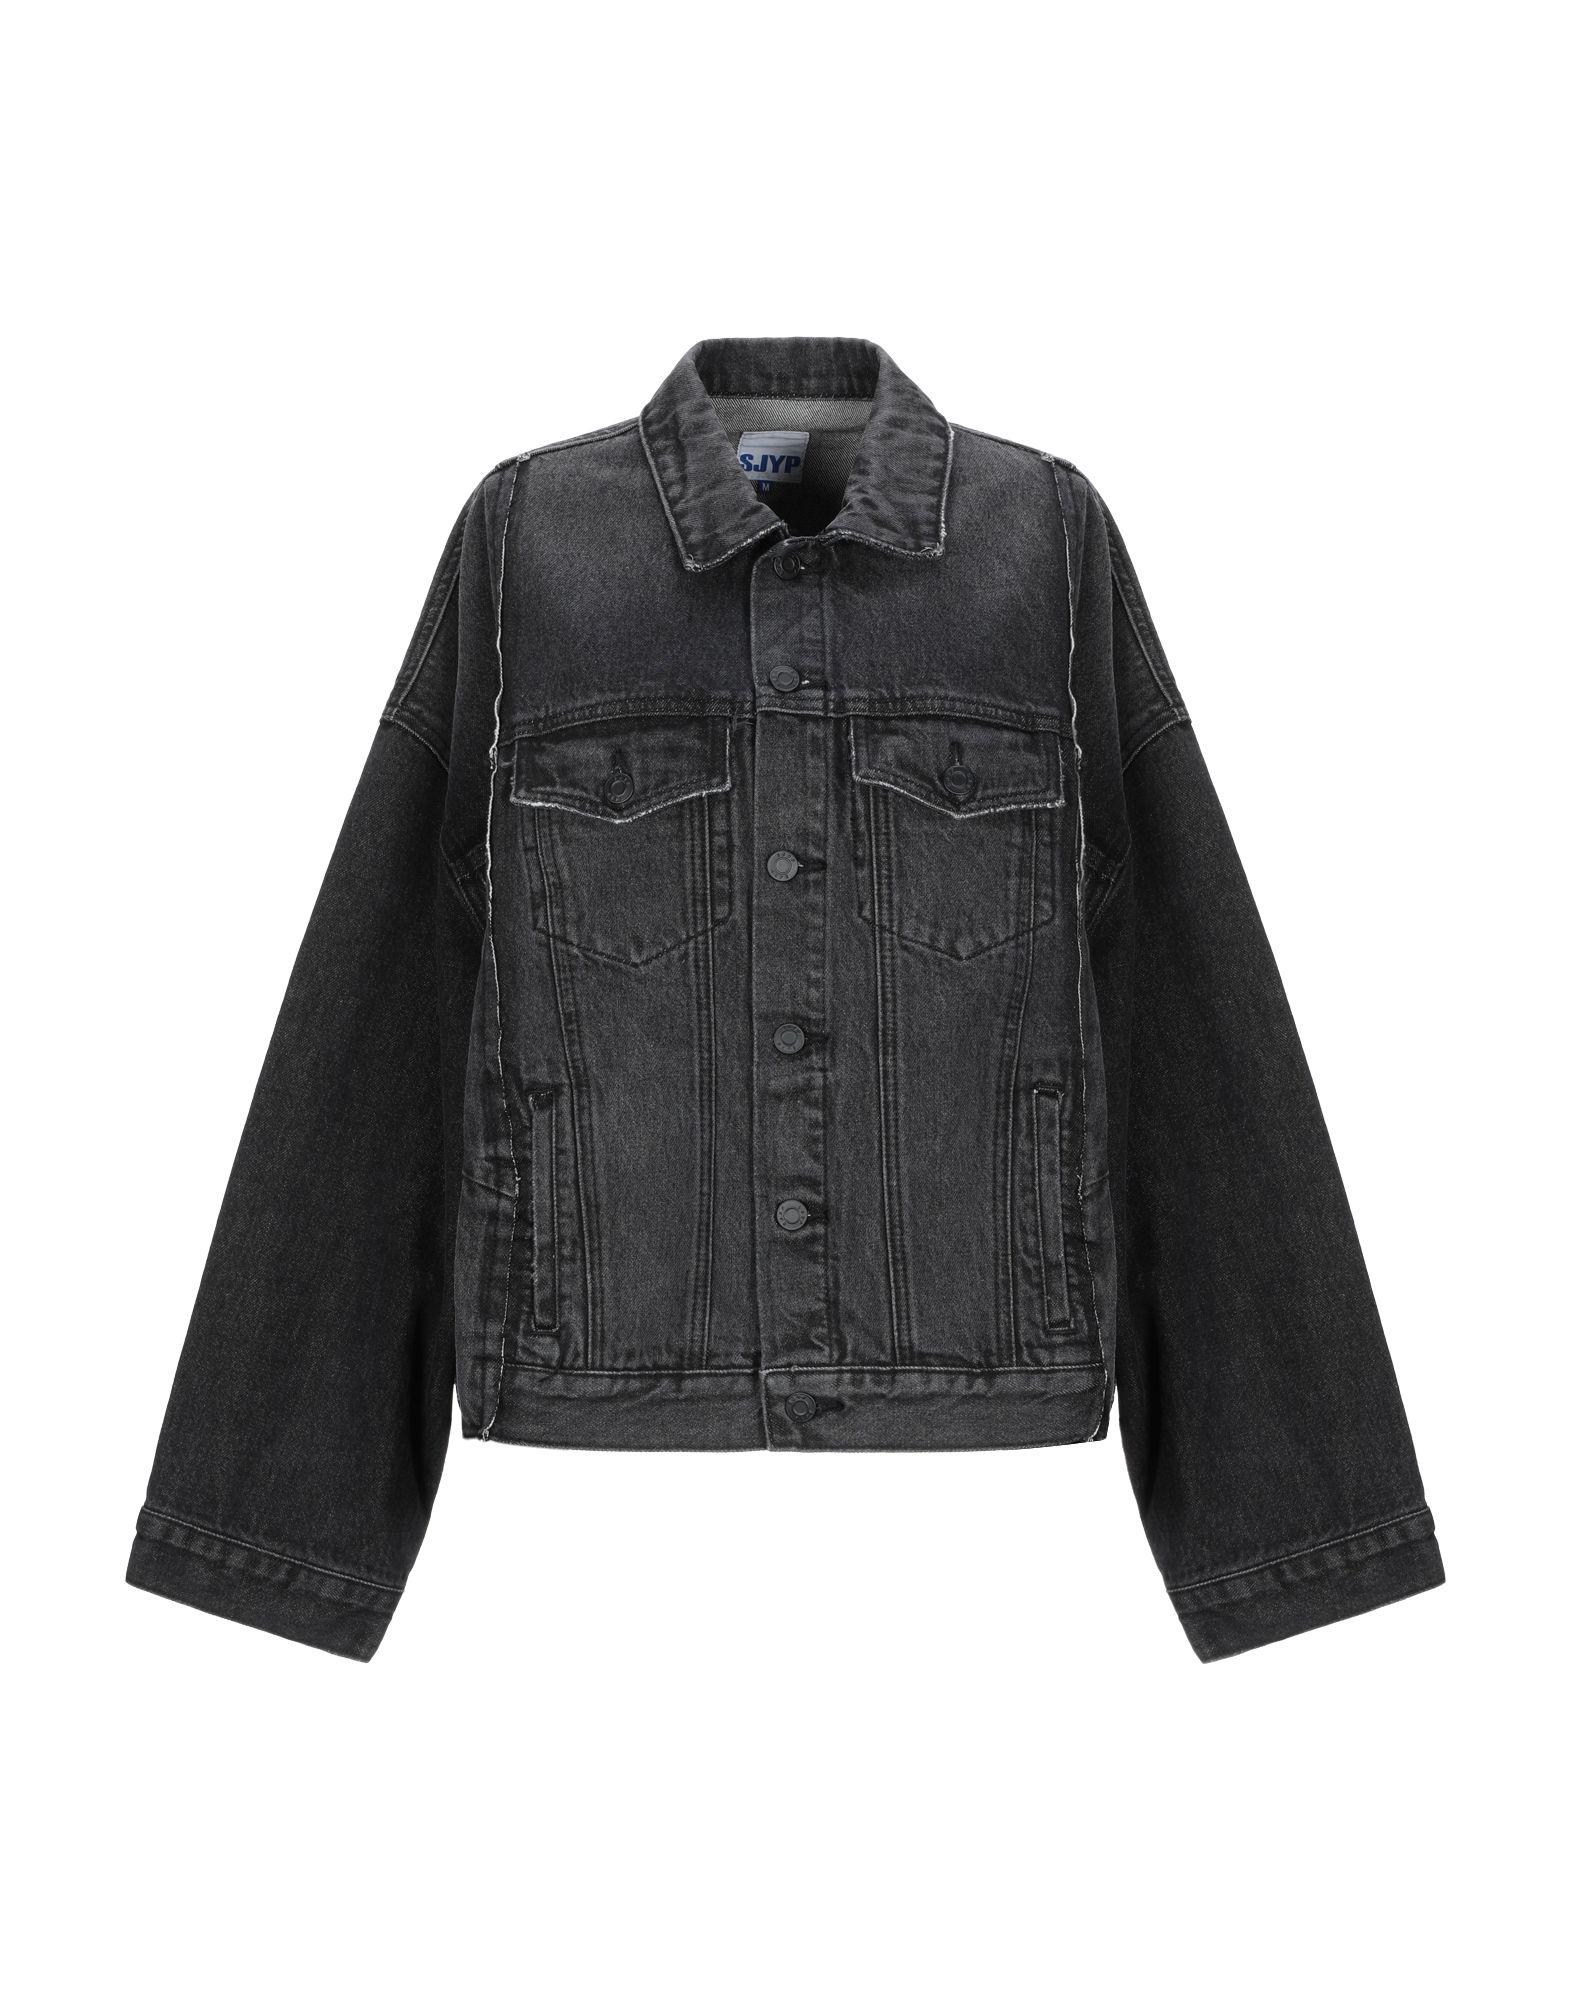 SJYP Джинсовая верхняя одежда sjyp джинсовая верхняя одежда